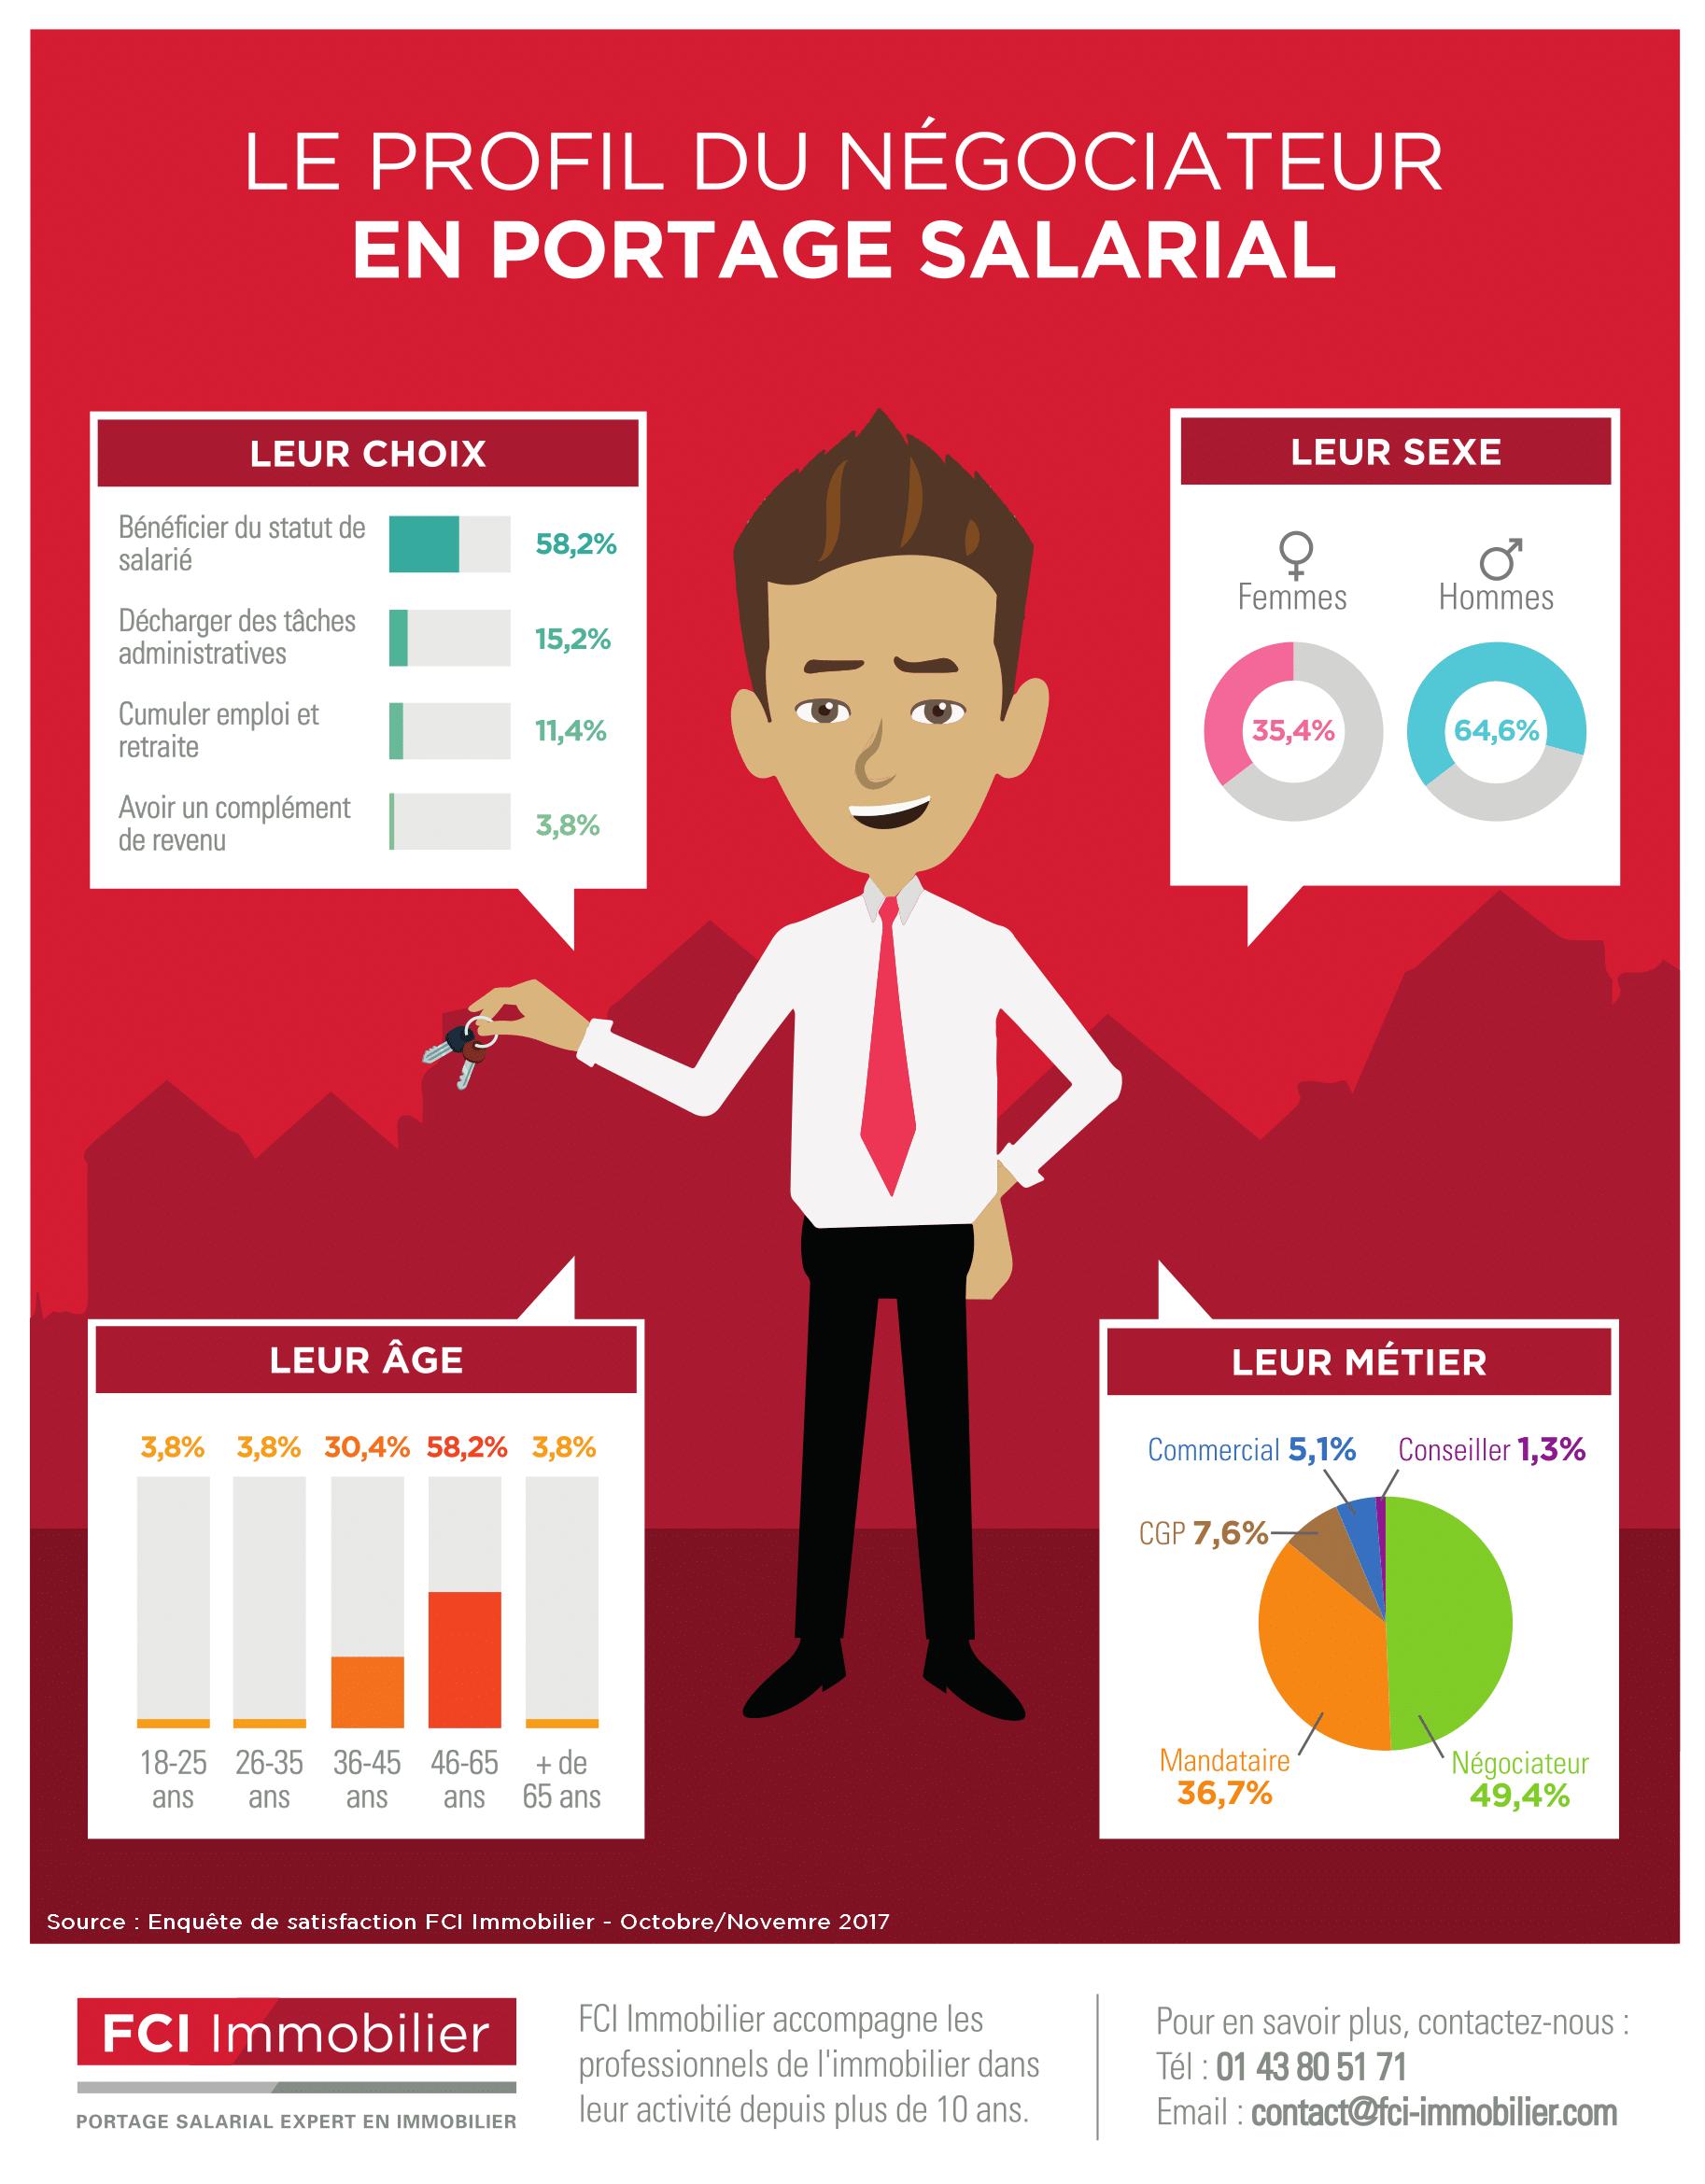 Infographie - Profil du négociateur 2018